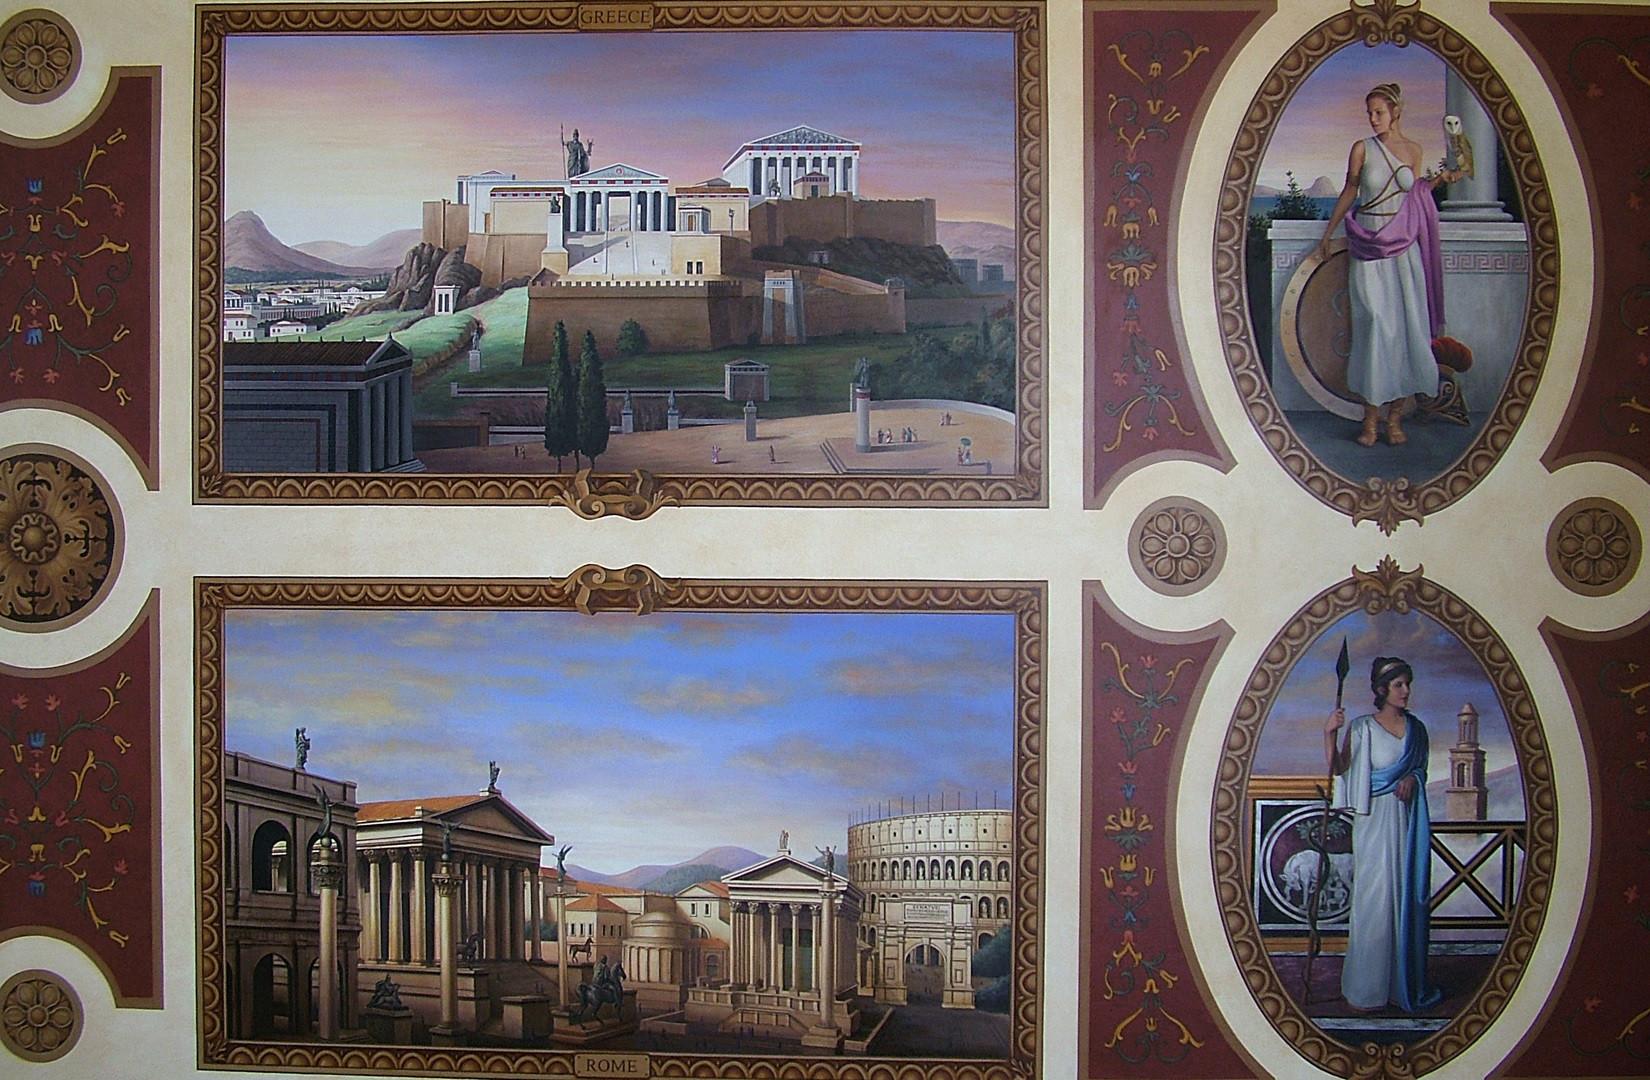 1j+Detail+of+Four+Empires+mural.jpg